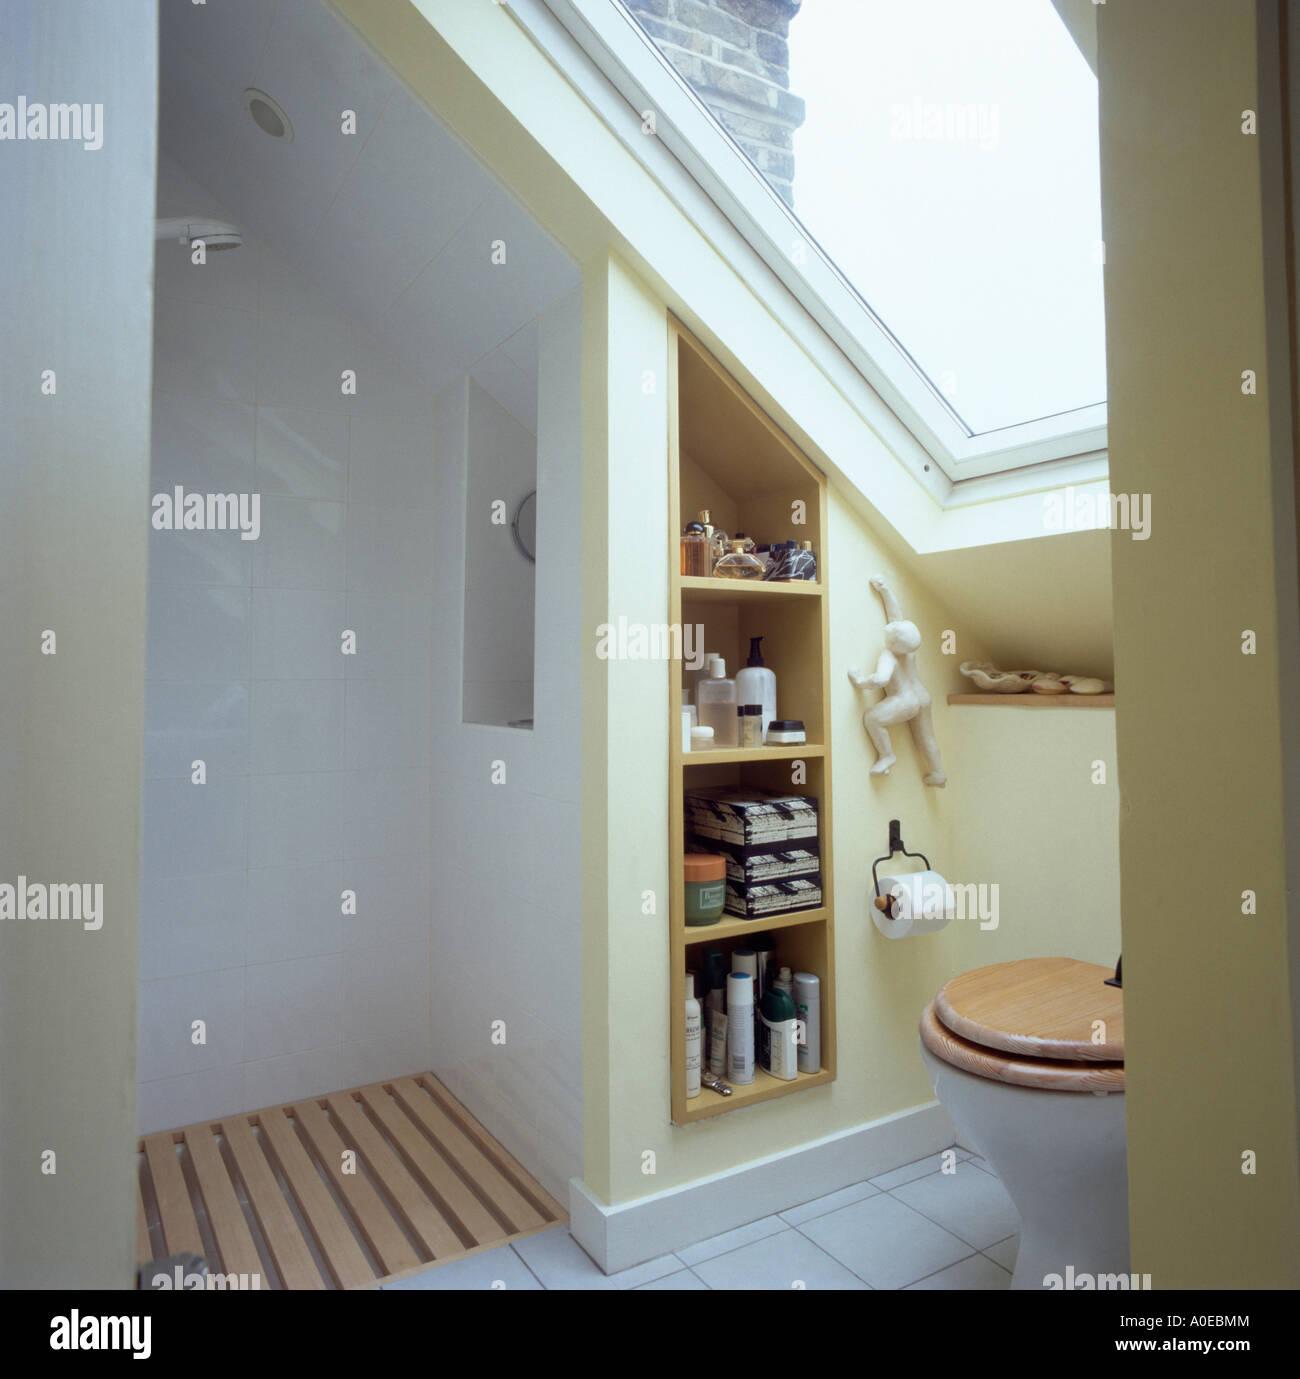 Dusche Und Regale Im Modernen Weißen Dachgeschoss Badezimmer Mit